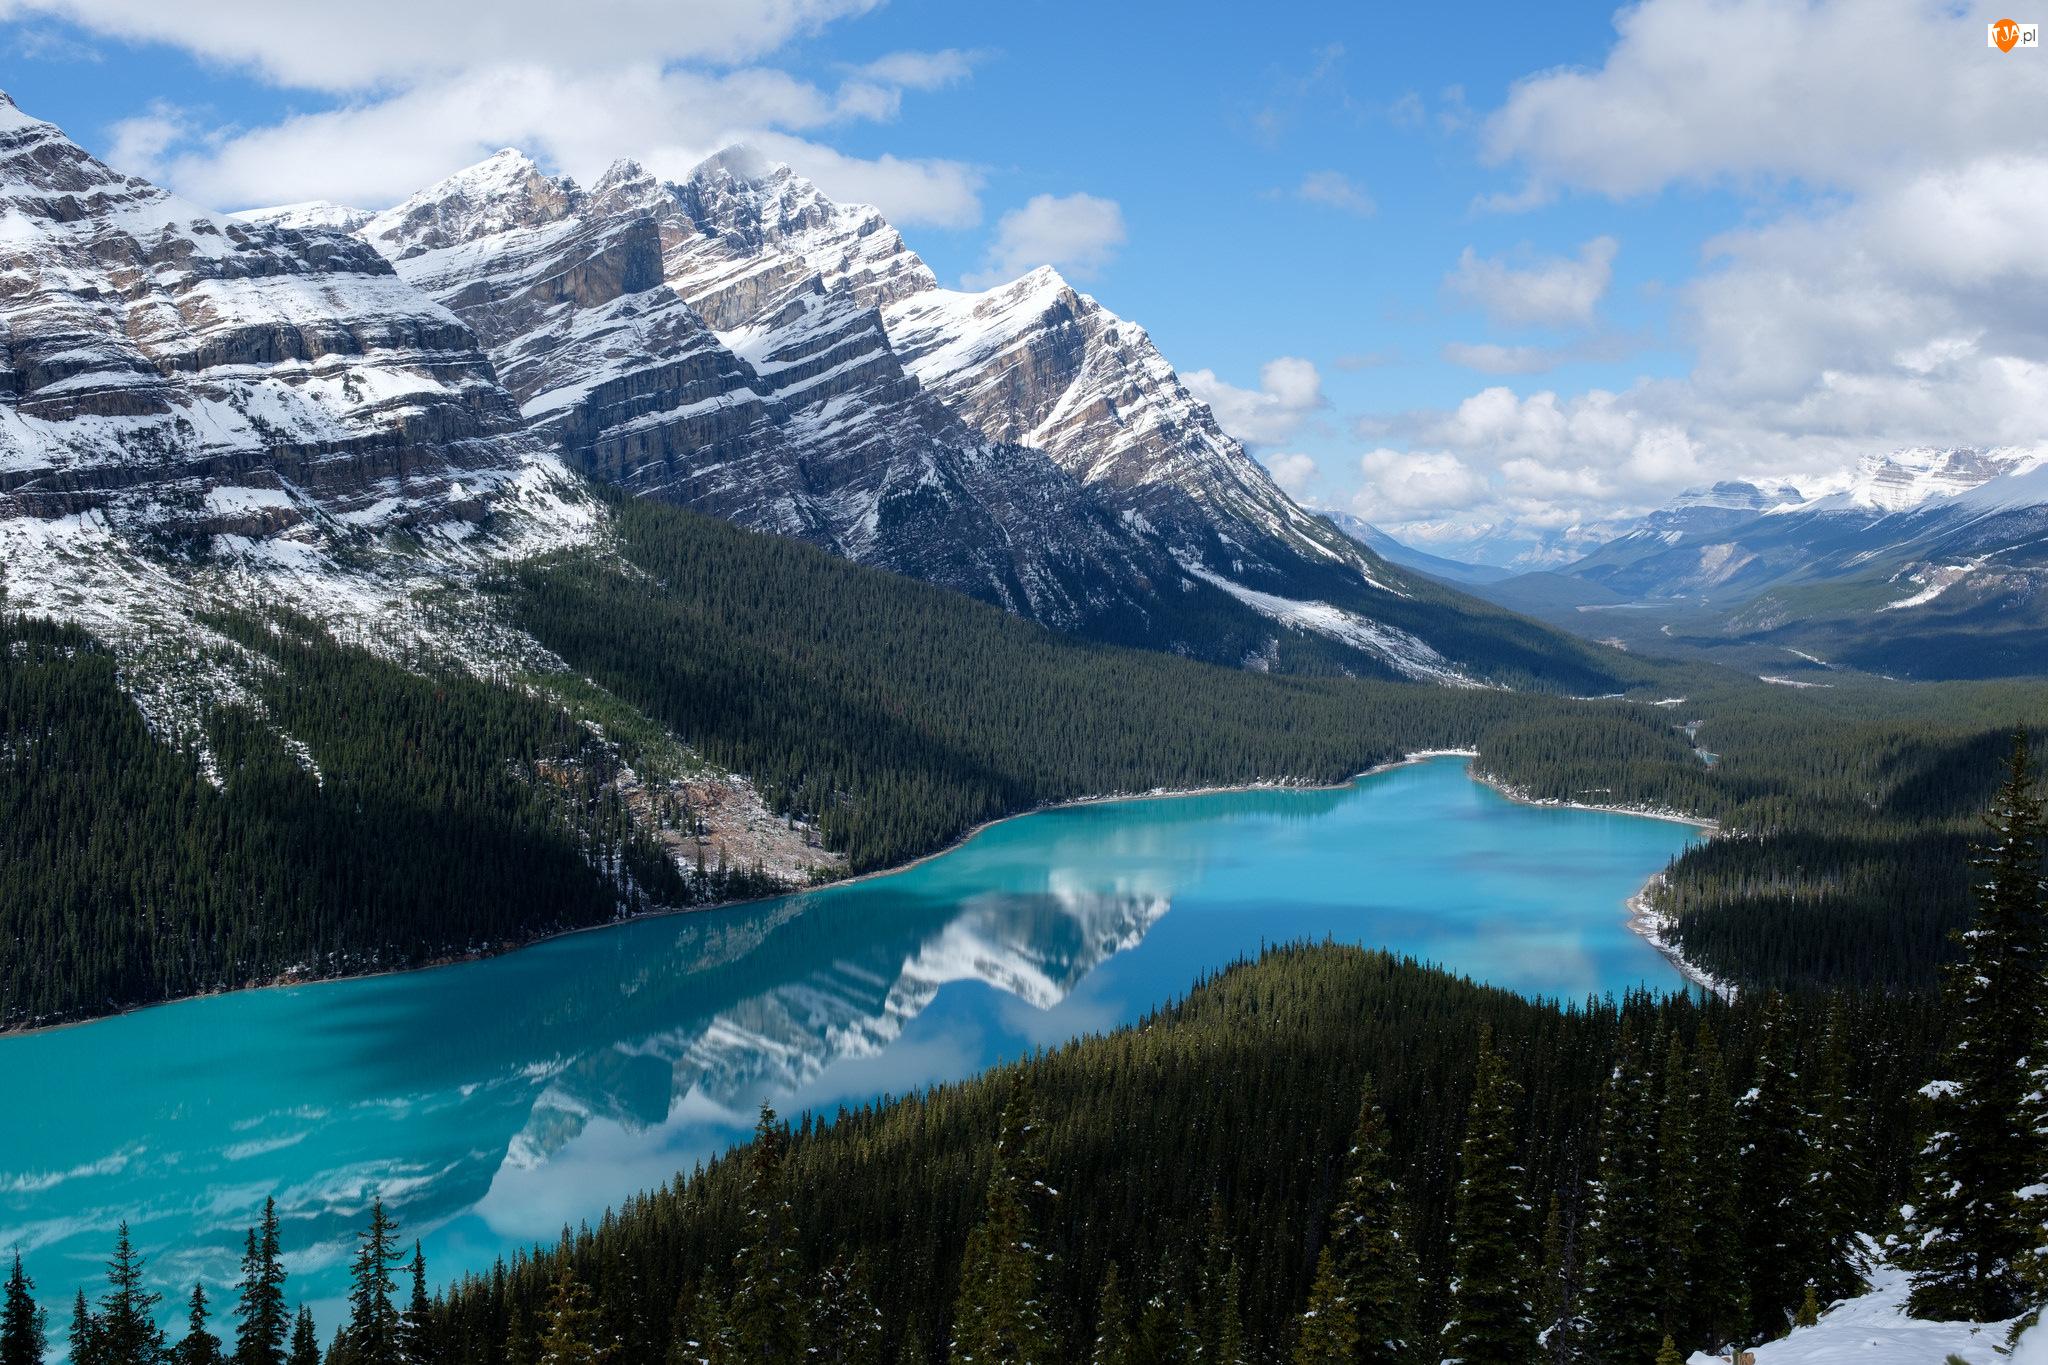 Chmury, Park Narodowy Banff, Las, Prowincja Alberta, Jezioro Peyto Lake, Drzewa, Kanada, Góry